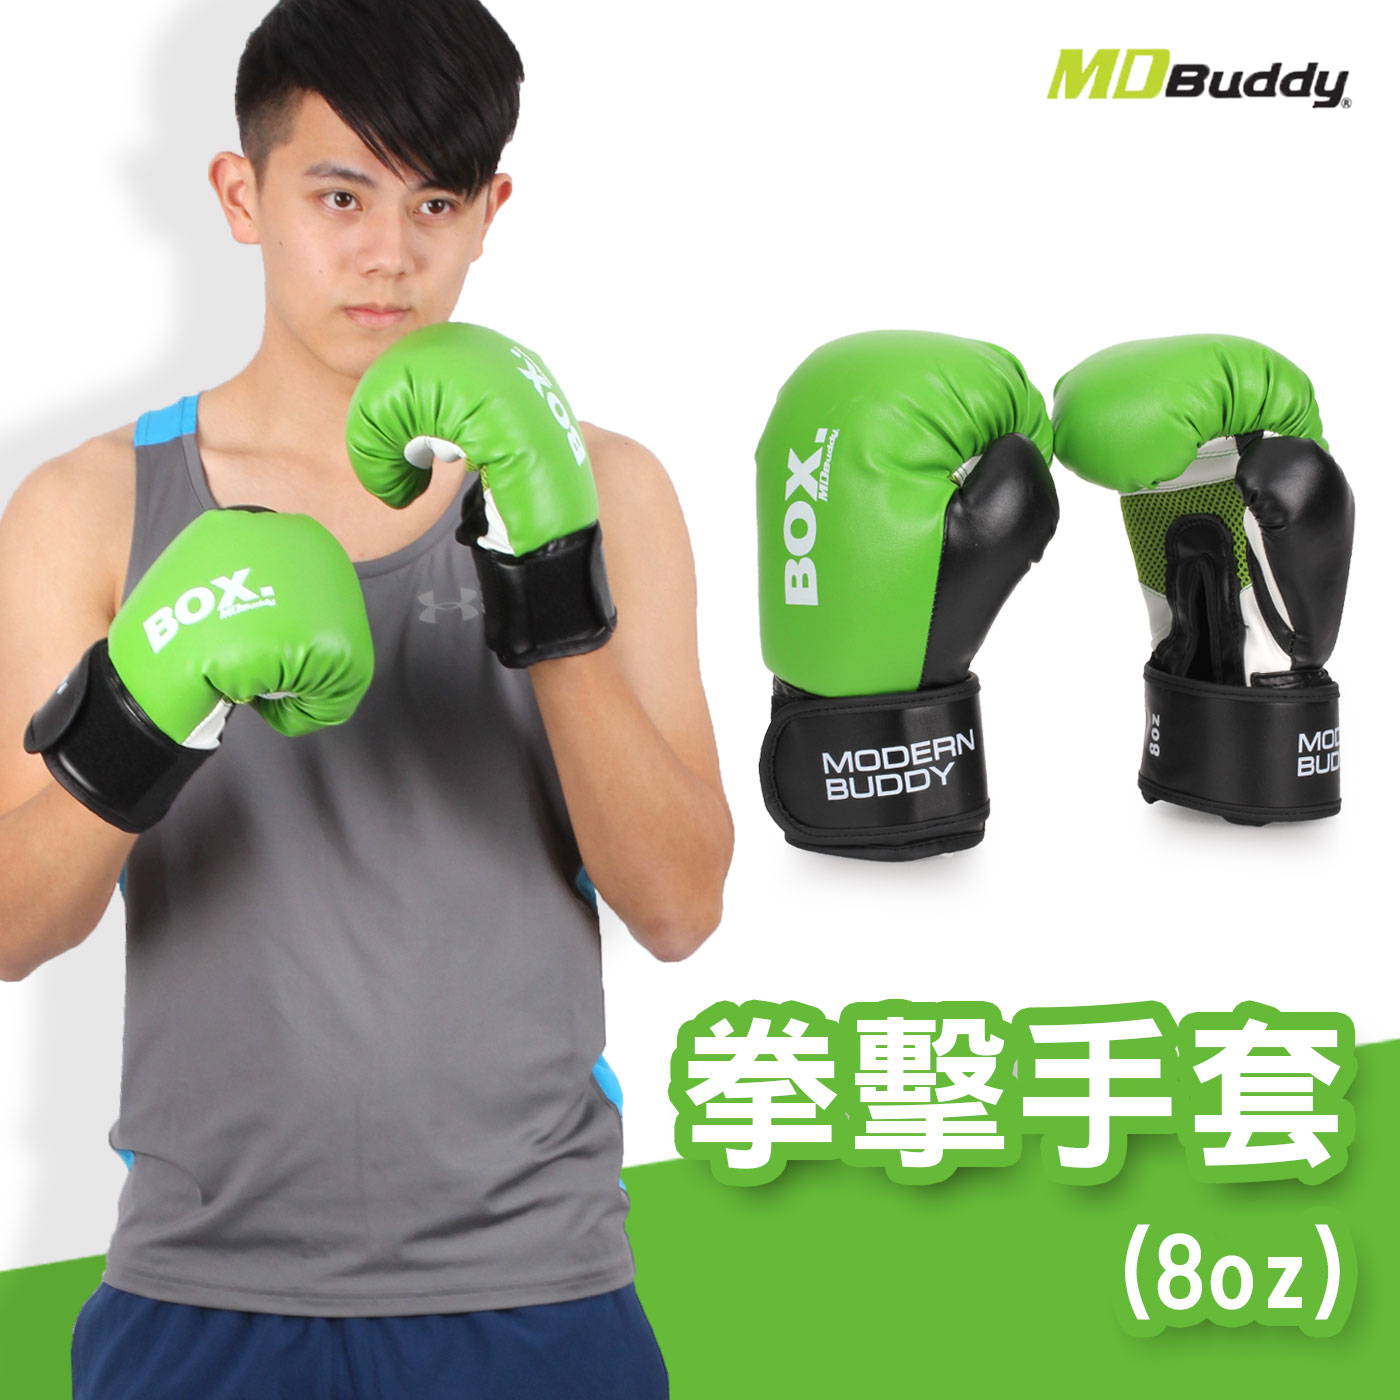 MDBuddy (8oz)拳擊手套 6025201